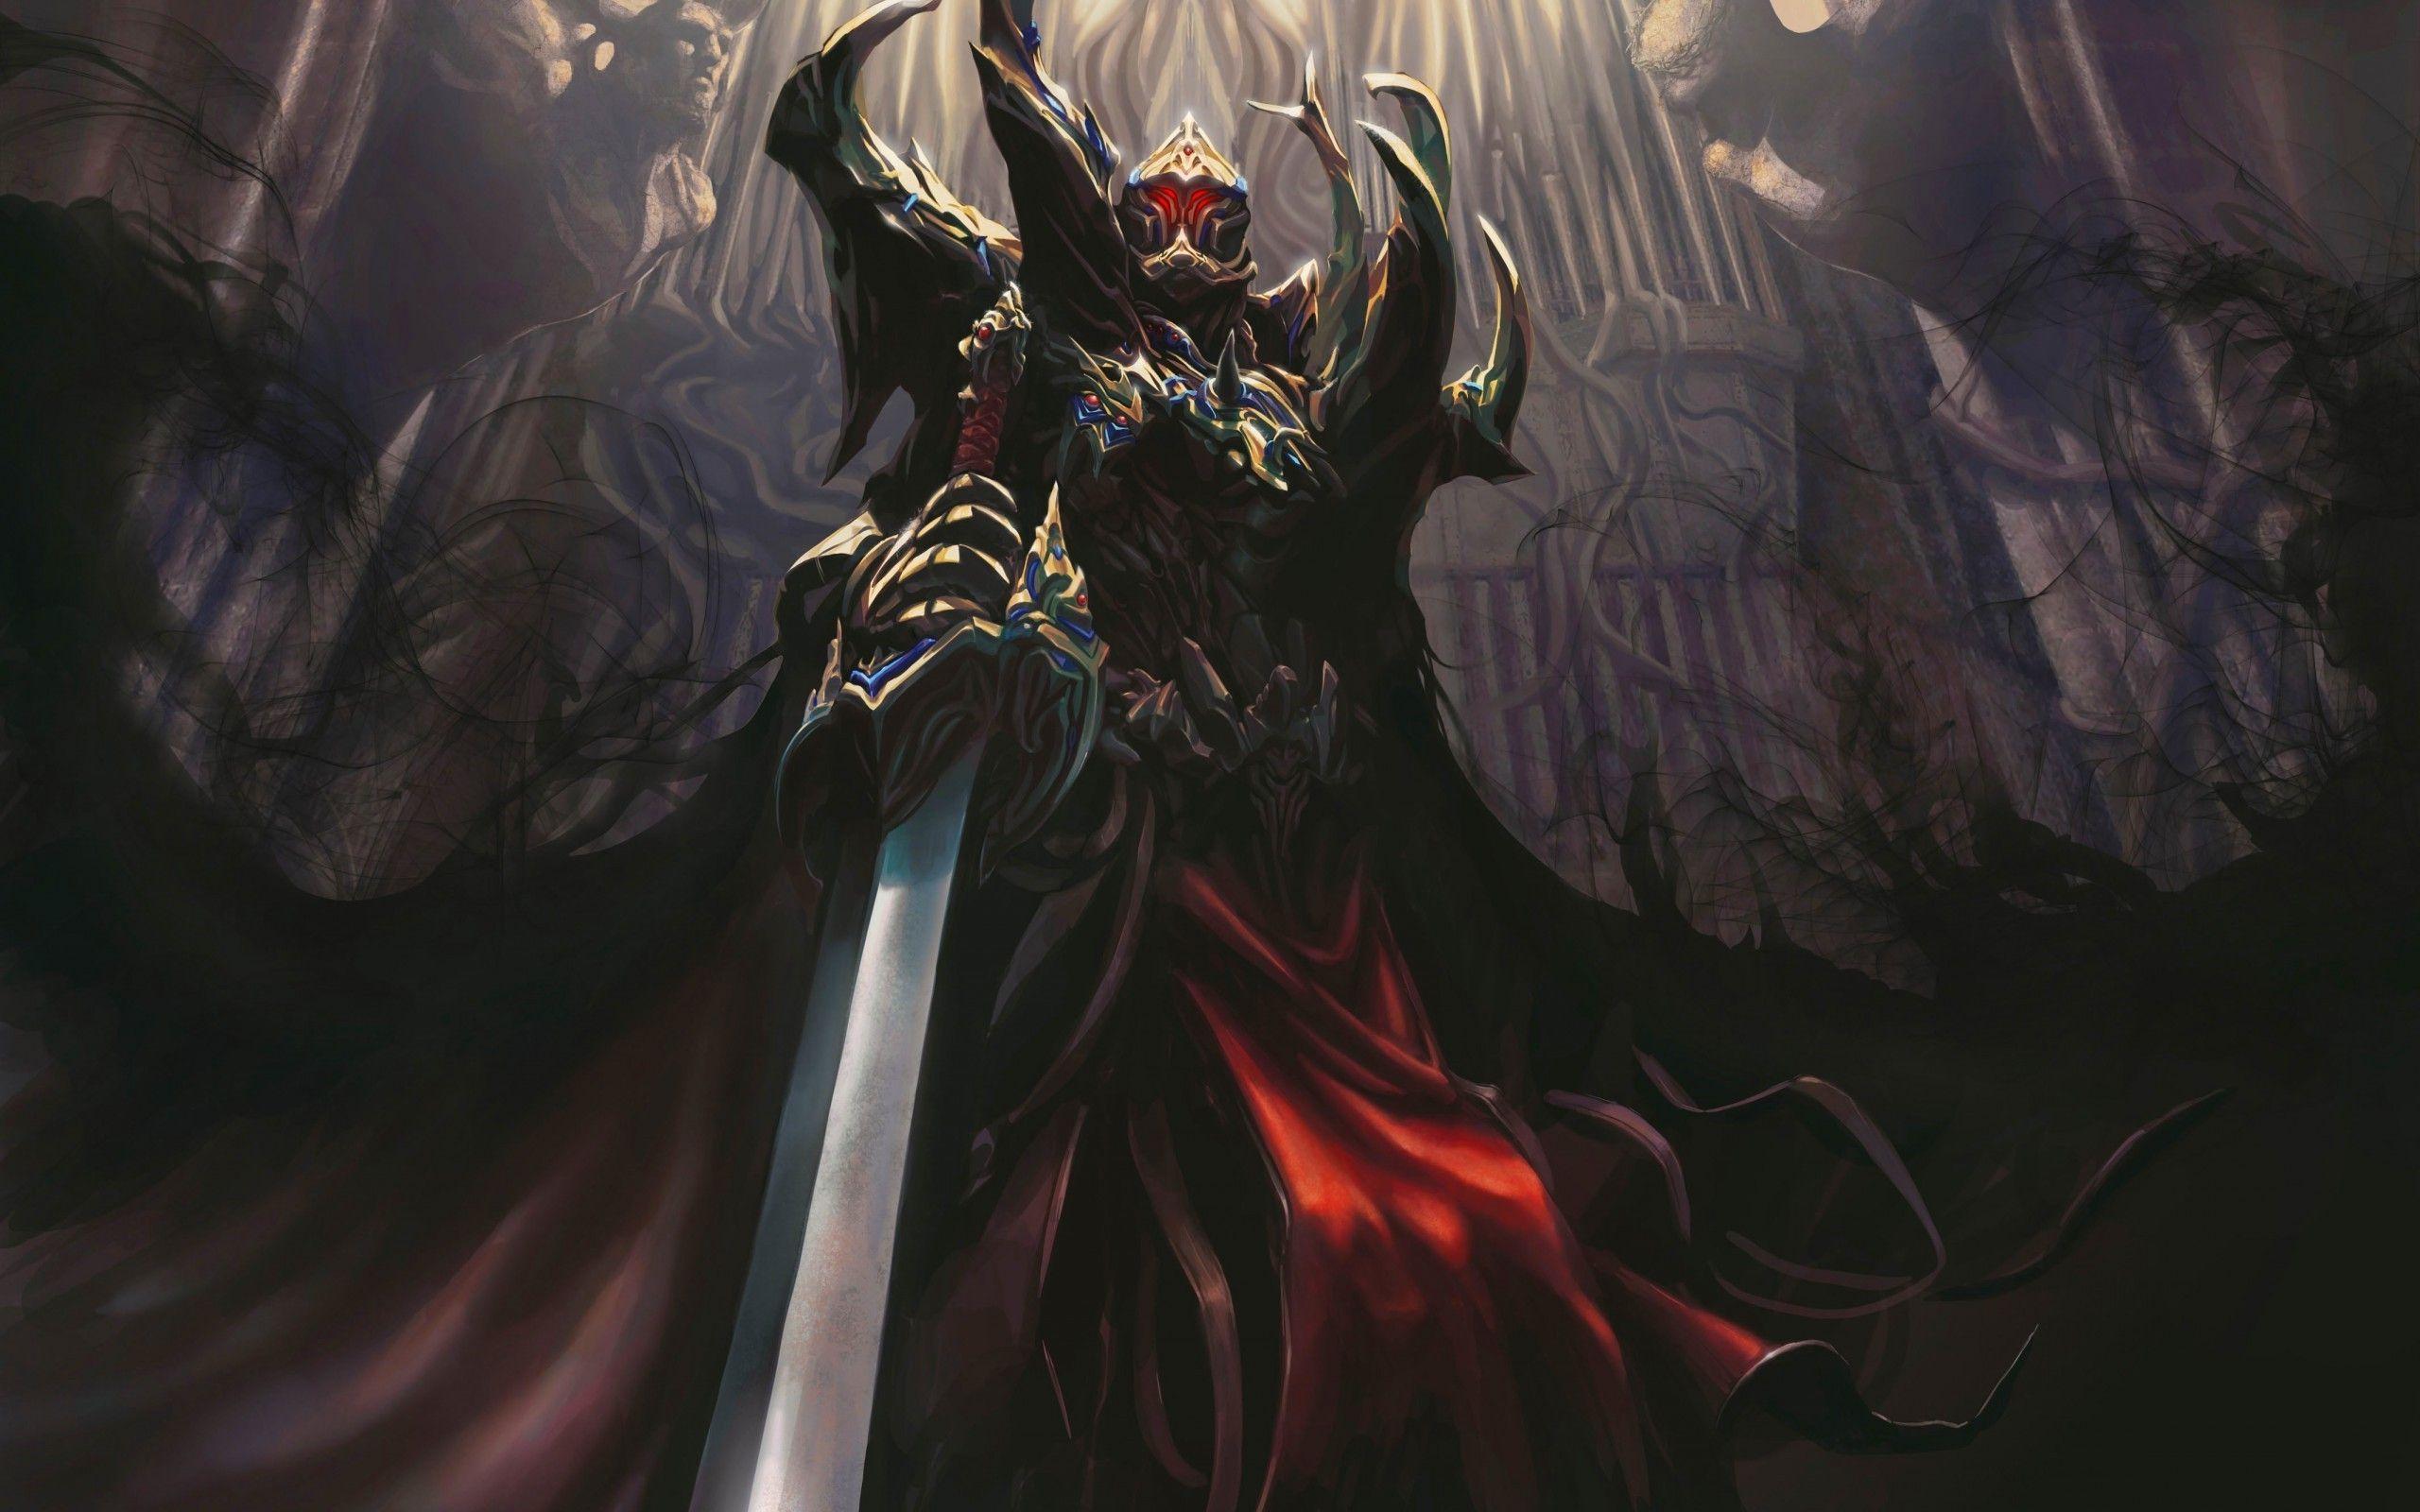 image - dark-knight-fantasy-hd-wallpaper-2560x1600-7503 | fc/oc